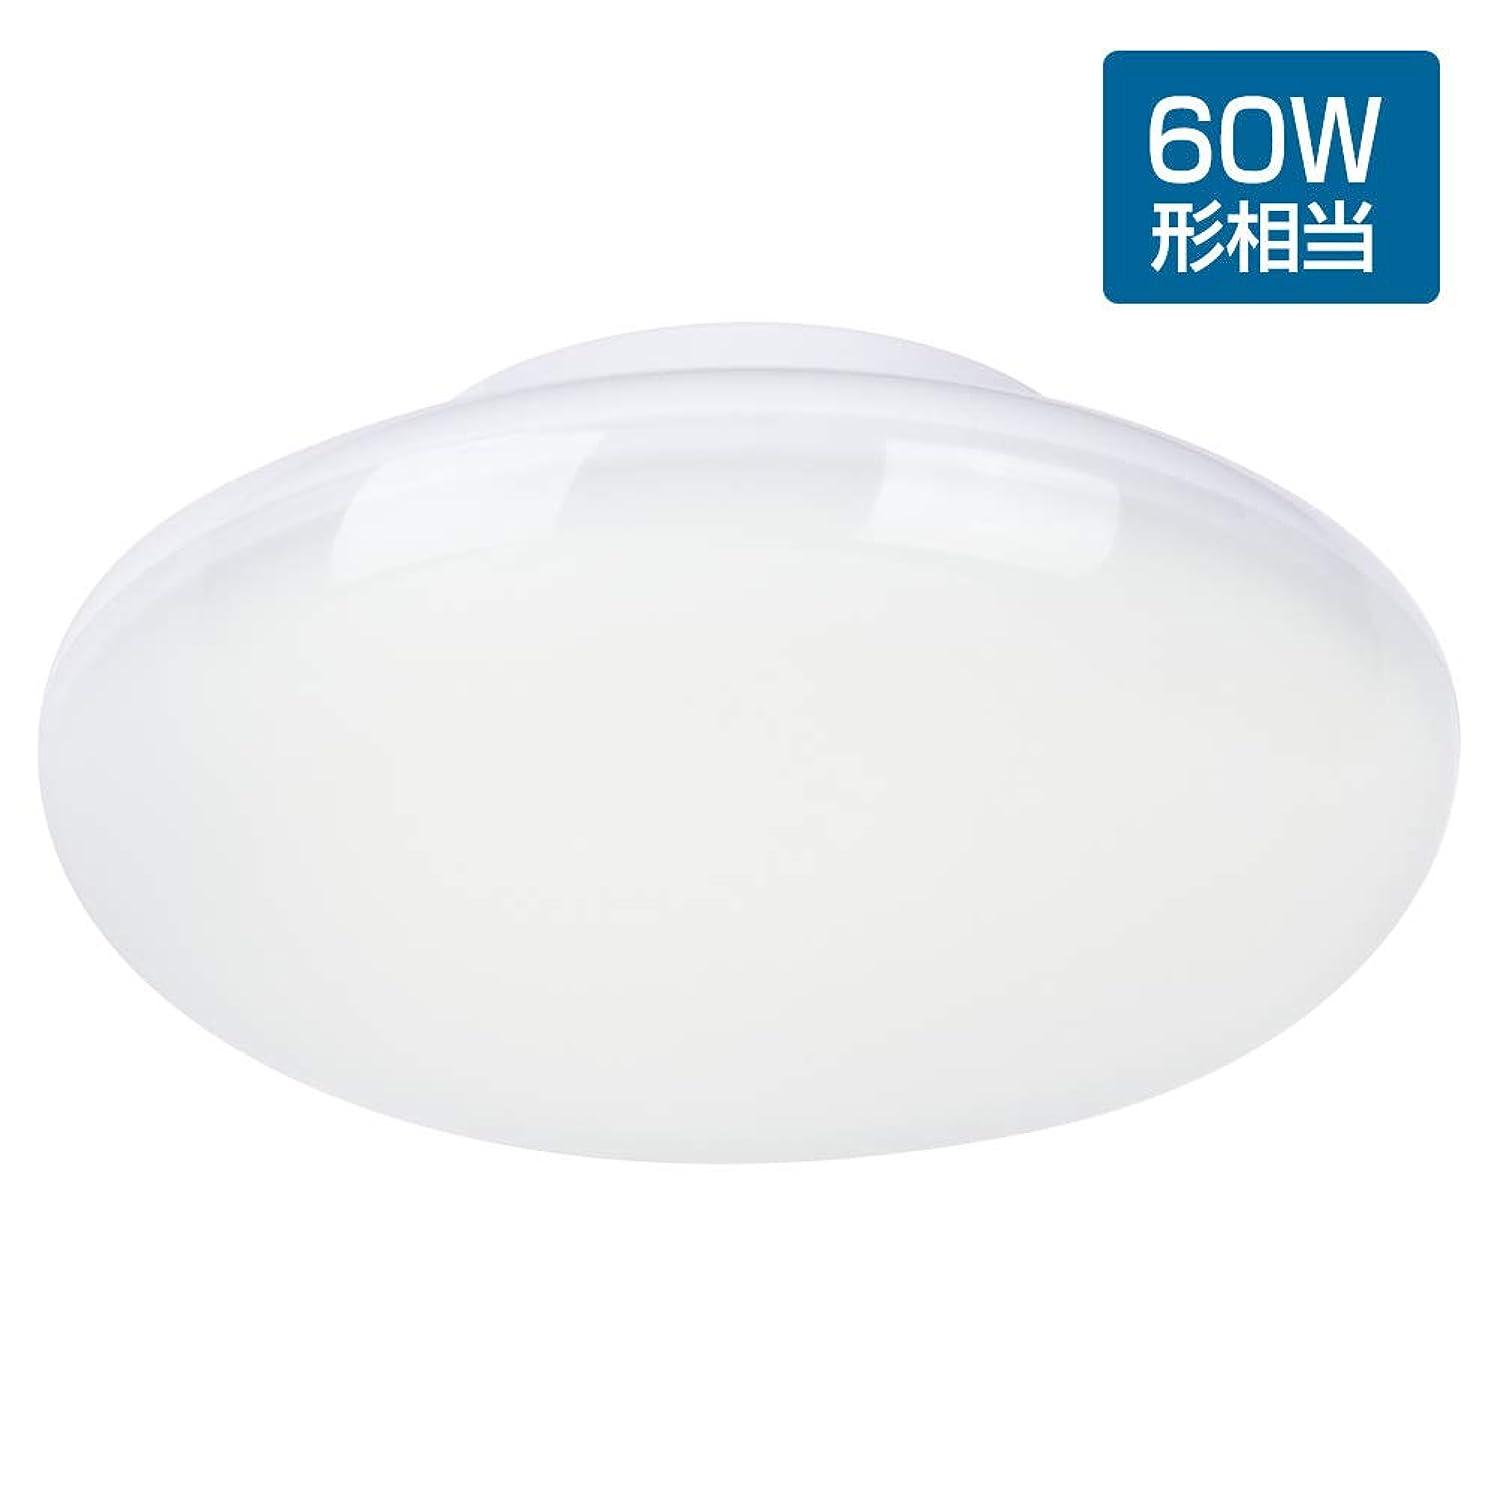 チャレンジイソギンチャク強化LEDシーリングライト 小型 4.5畳 昼白色 8W 60w形相当 5000k 720lm 照明器具 おしゃれ 引掛式